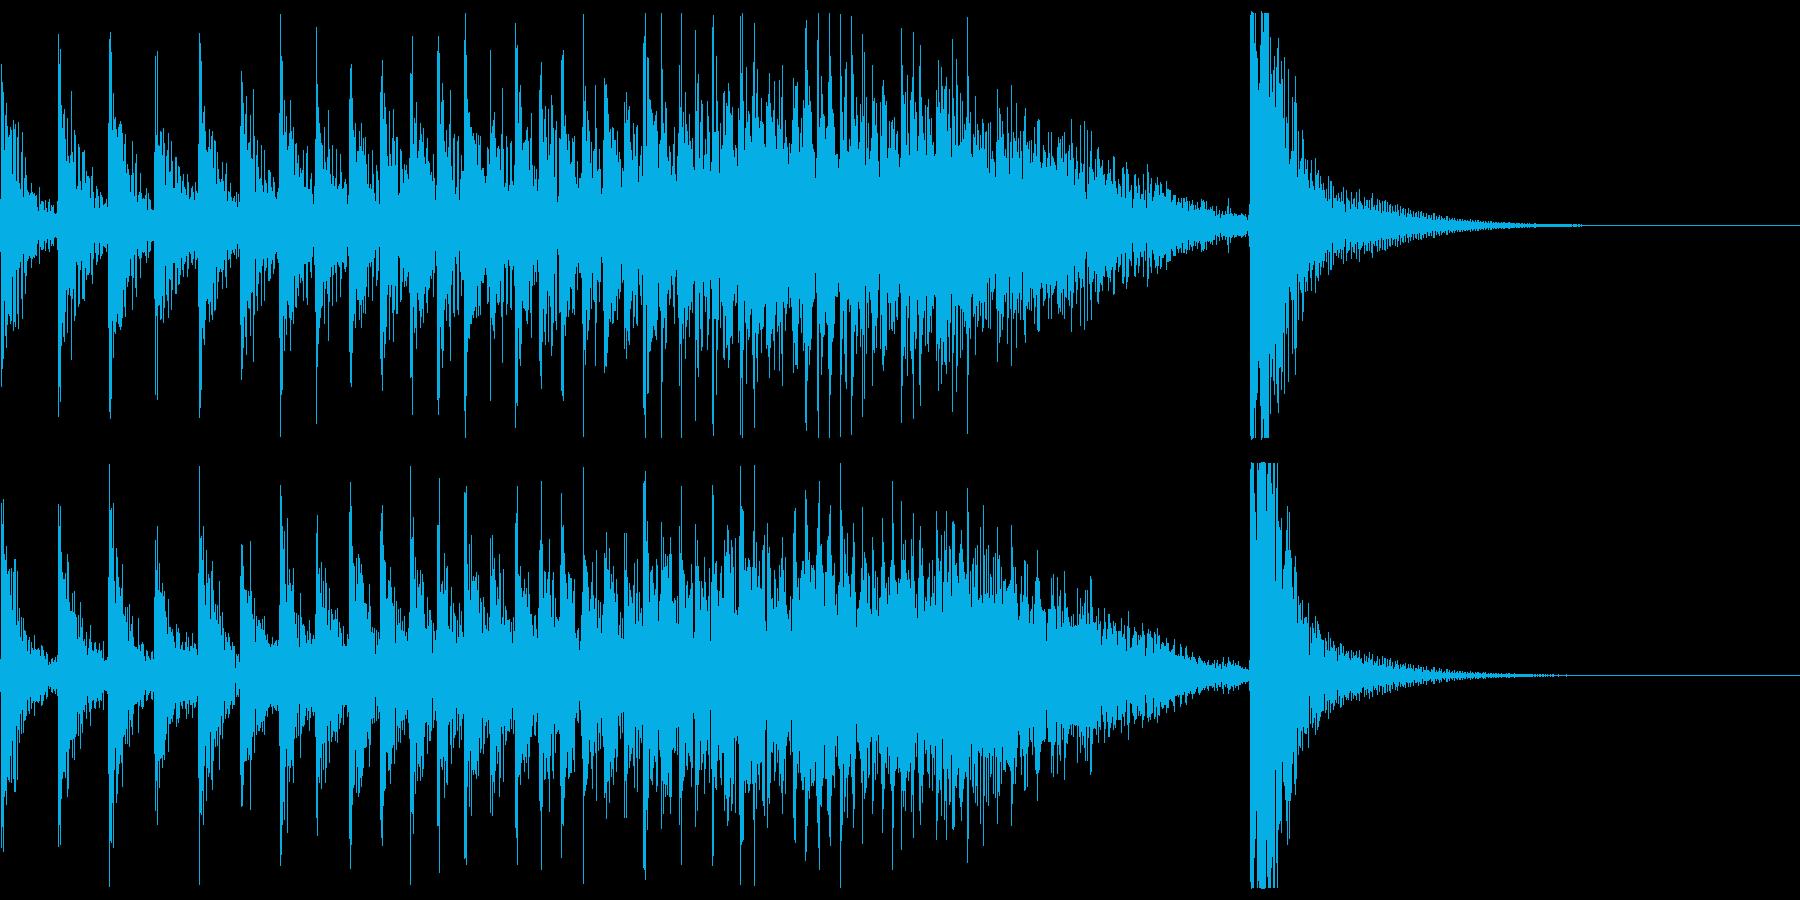 ドコドコ…ドドン!和太鼓ロール/ミドル2の再生済みの波形